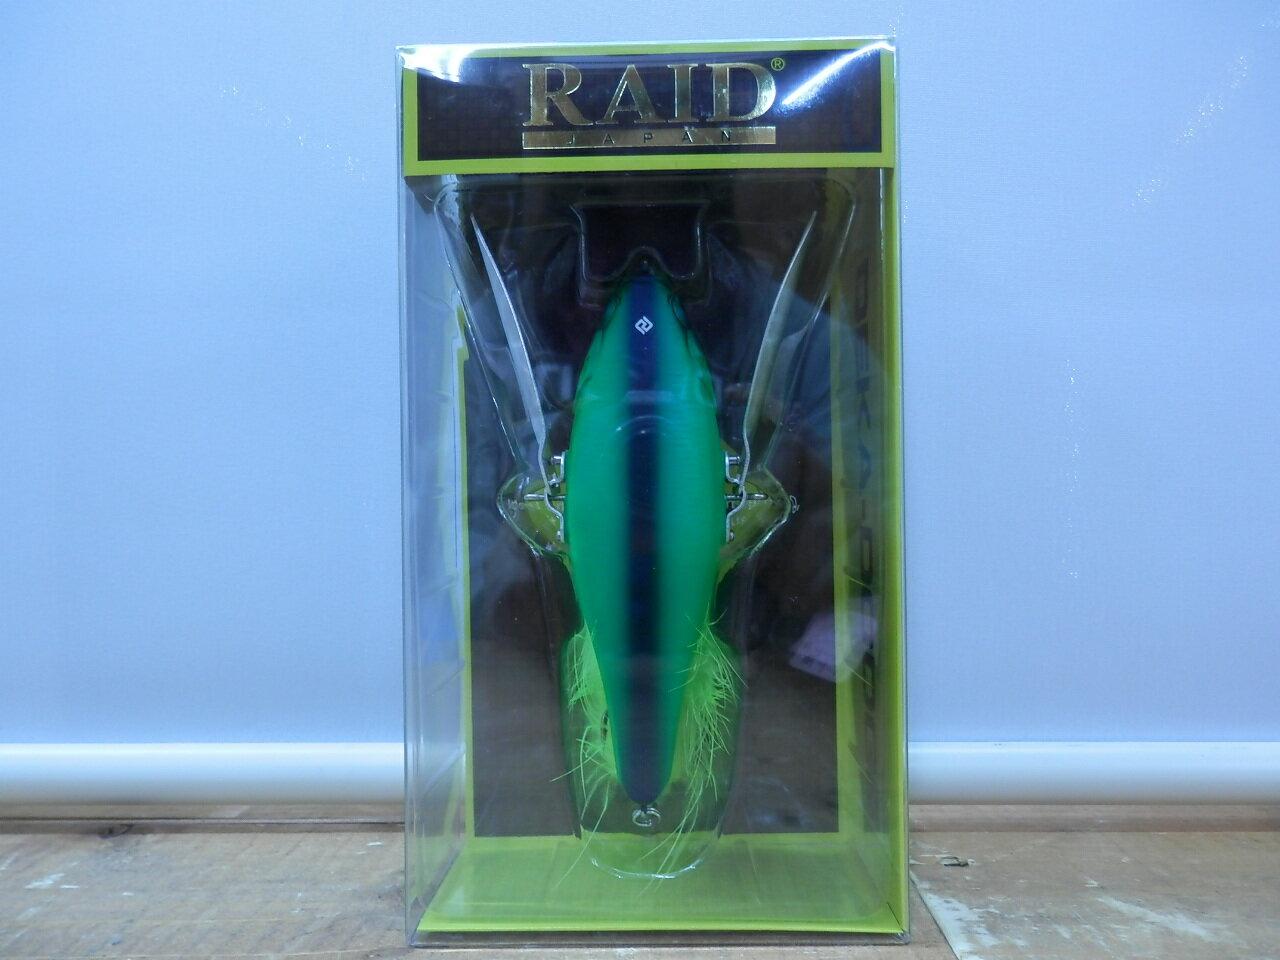 RAID JAPAN/レイドジャパンデカダッジ DGL001 SHIMANASHI TIGER/シマナシタイガー【恐らく未使用】【釣り/つり/釣具/ルアー】